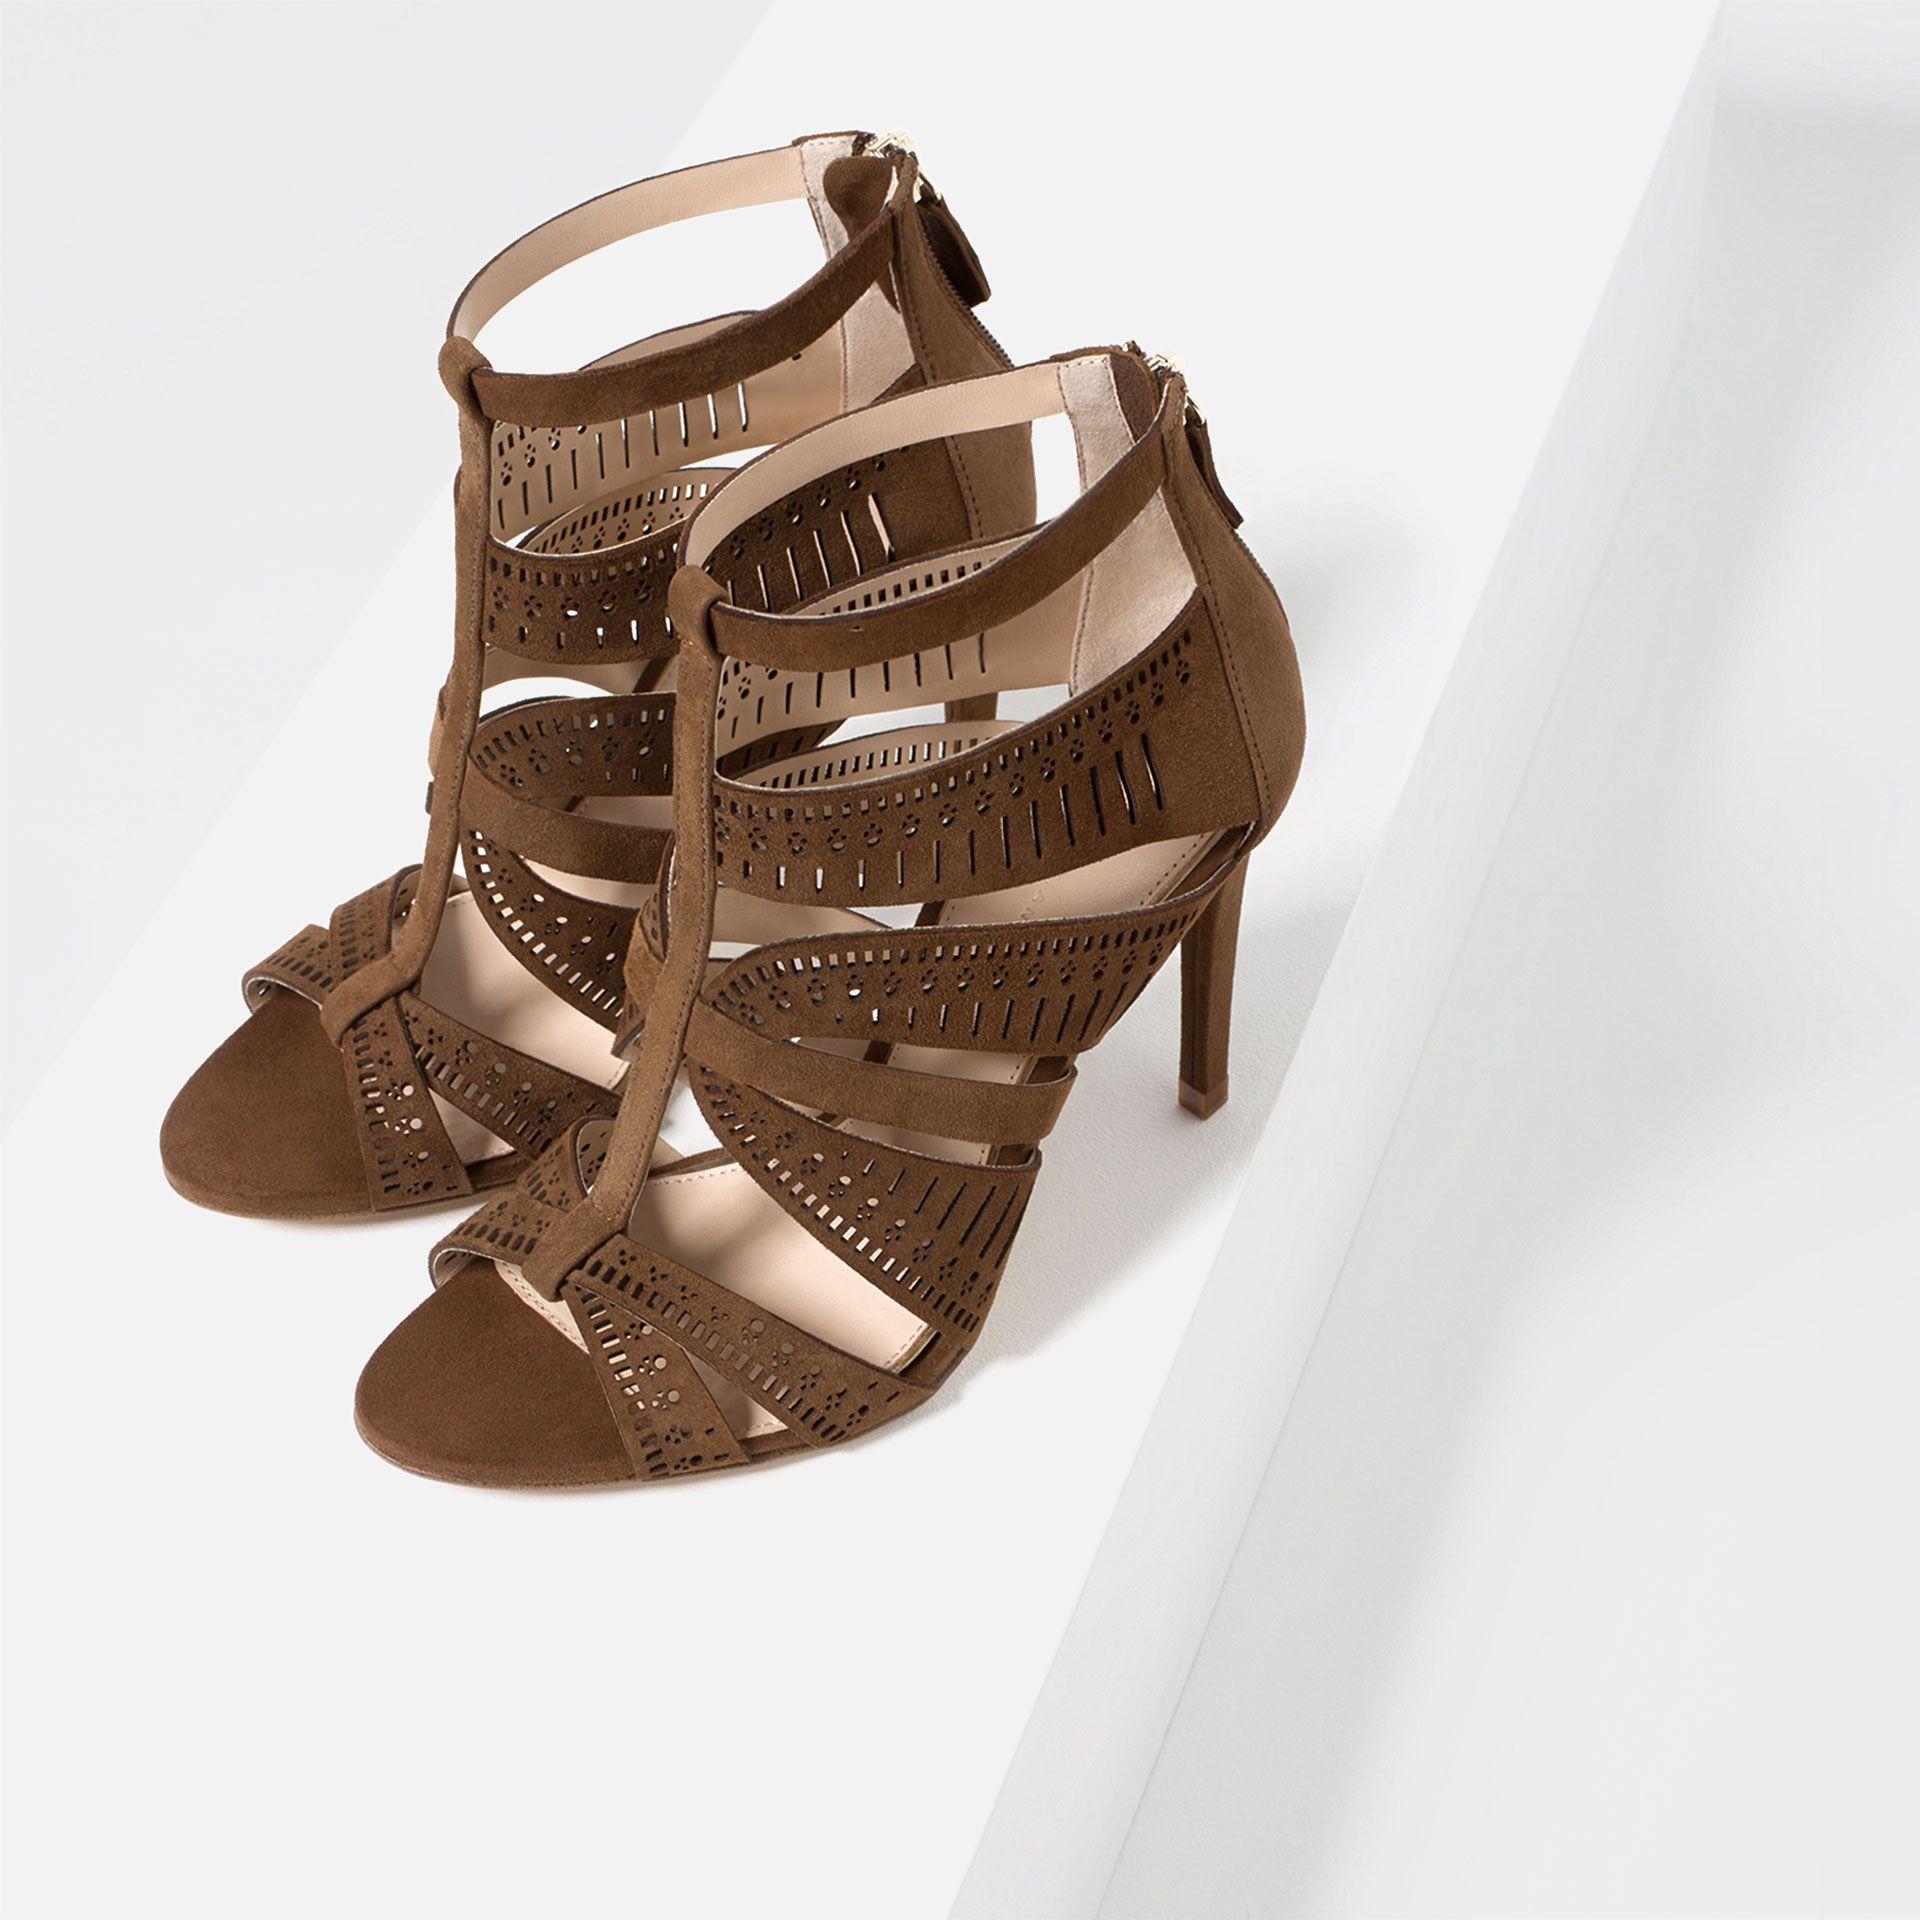 Chaussures Womens En Vente, Le Cuivre, Le Cuir, 2017, 38 Guess